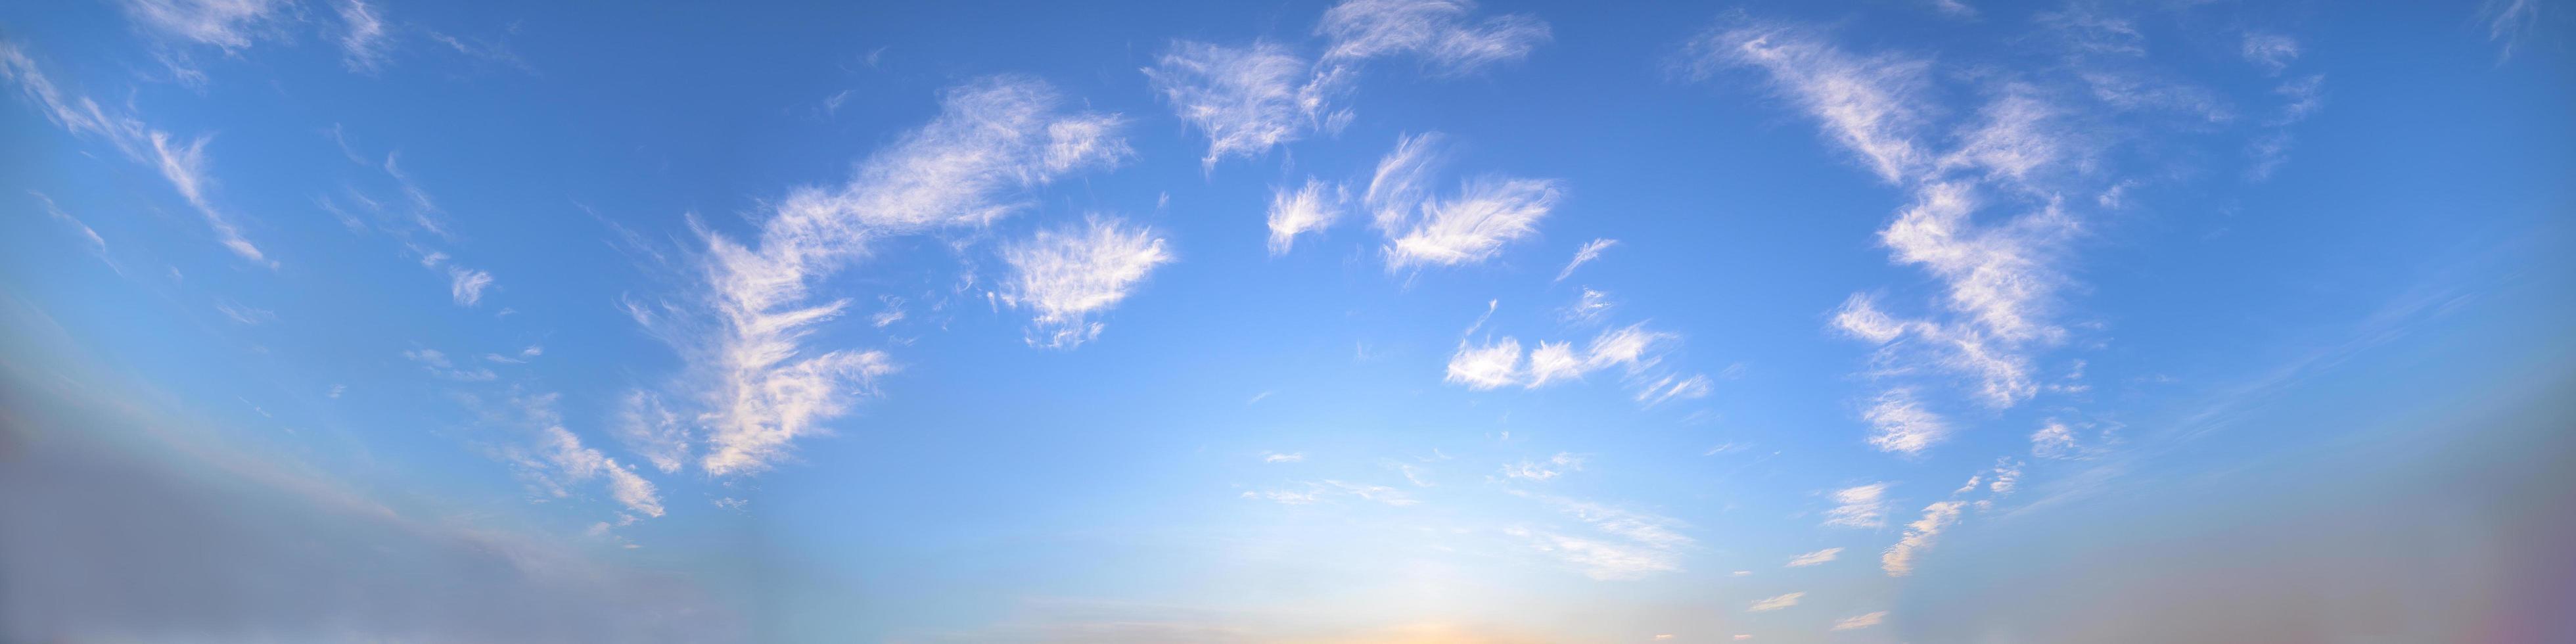 nuvole nel cielo foto